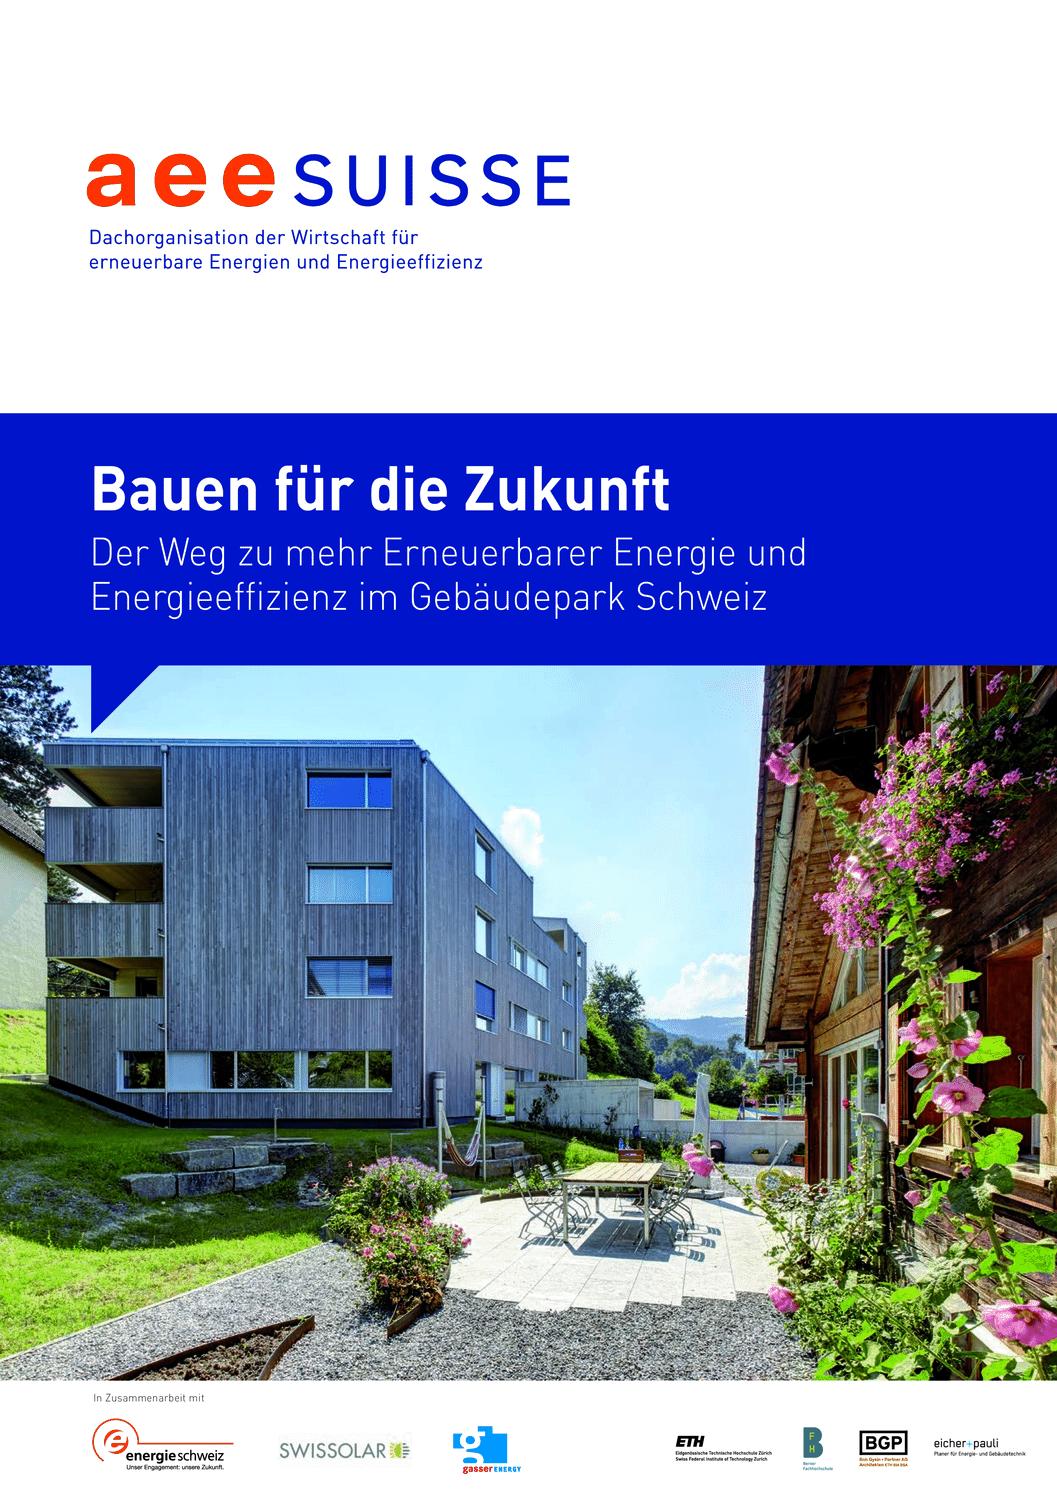 aee suisse Bauwirtschaft Erneuerbare Energien